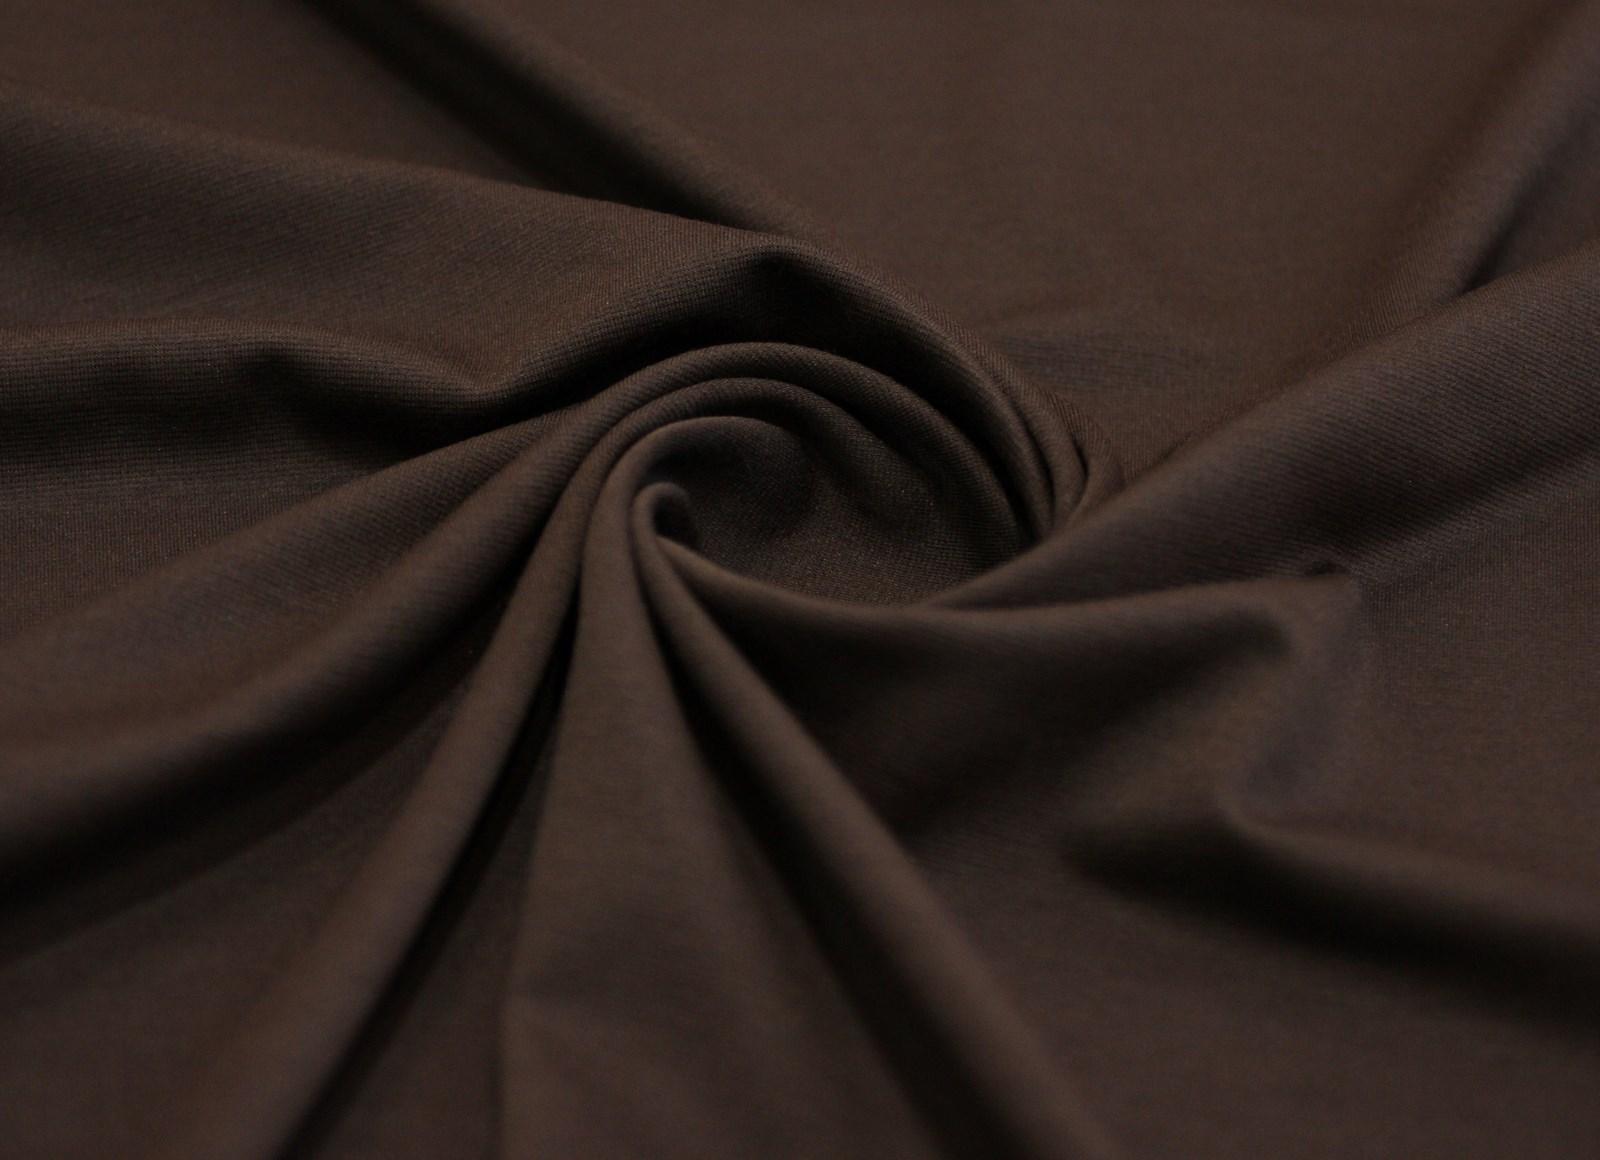 Академик цвет коричневый